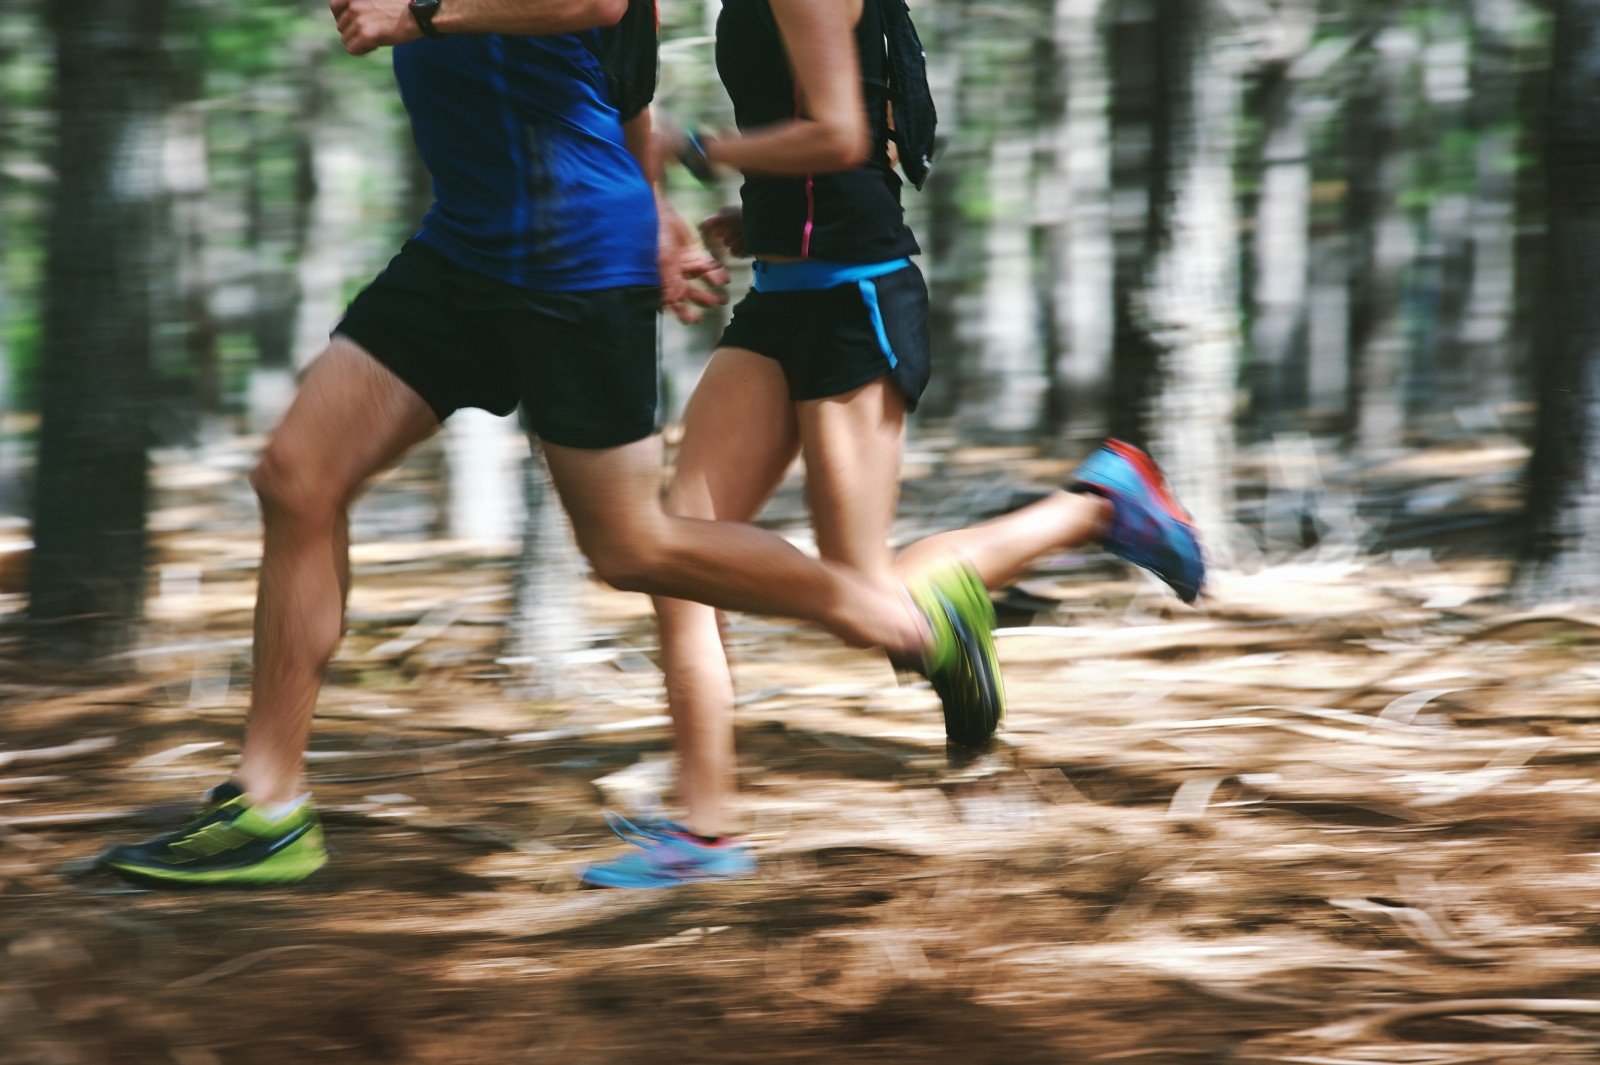 Schneller Abnehmen durch Sport auf leeren Magen? - Fitneß